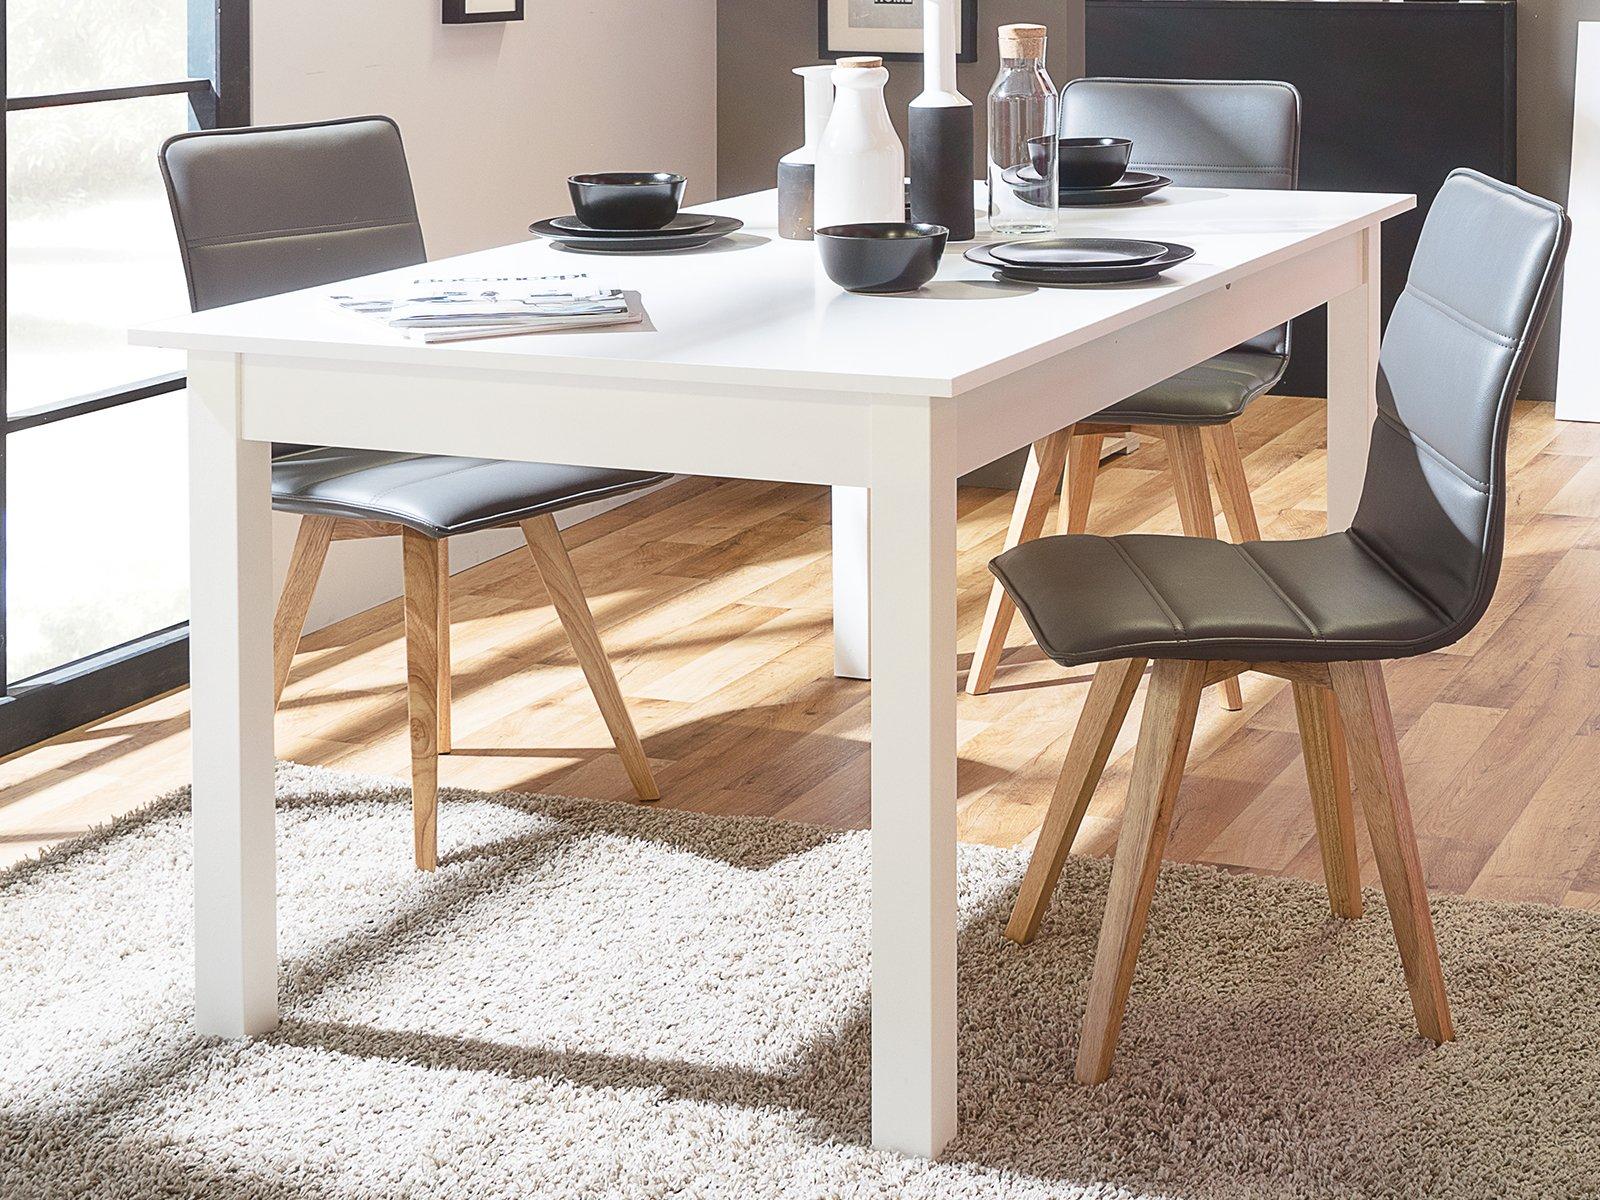 möbelando Esszimmertisch Küchentisch Auszugtisch Holztisch Esstisch Tisch Crawley IV Weiß 1